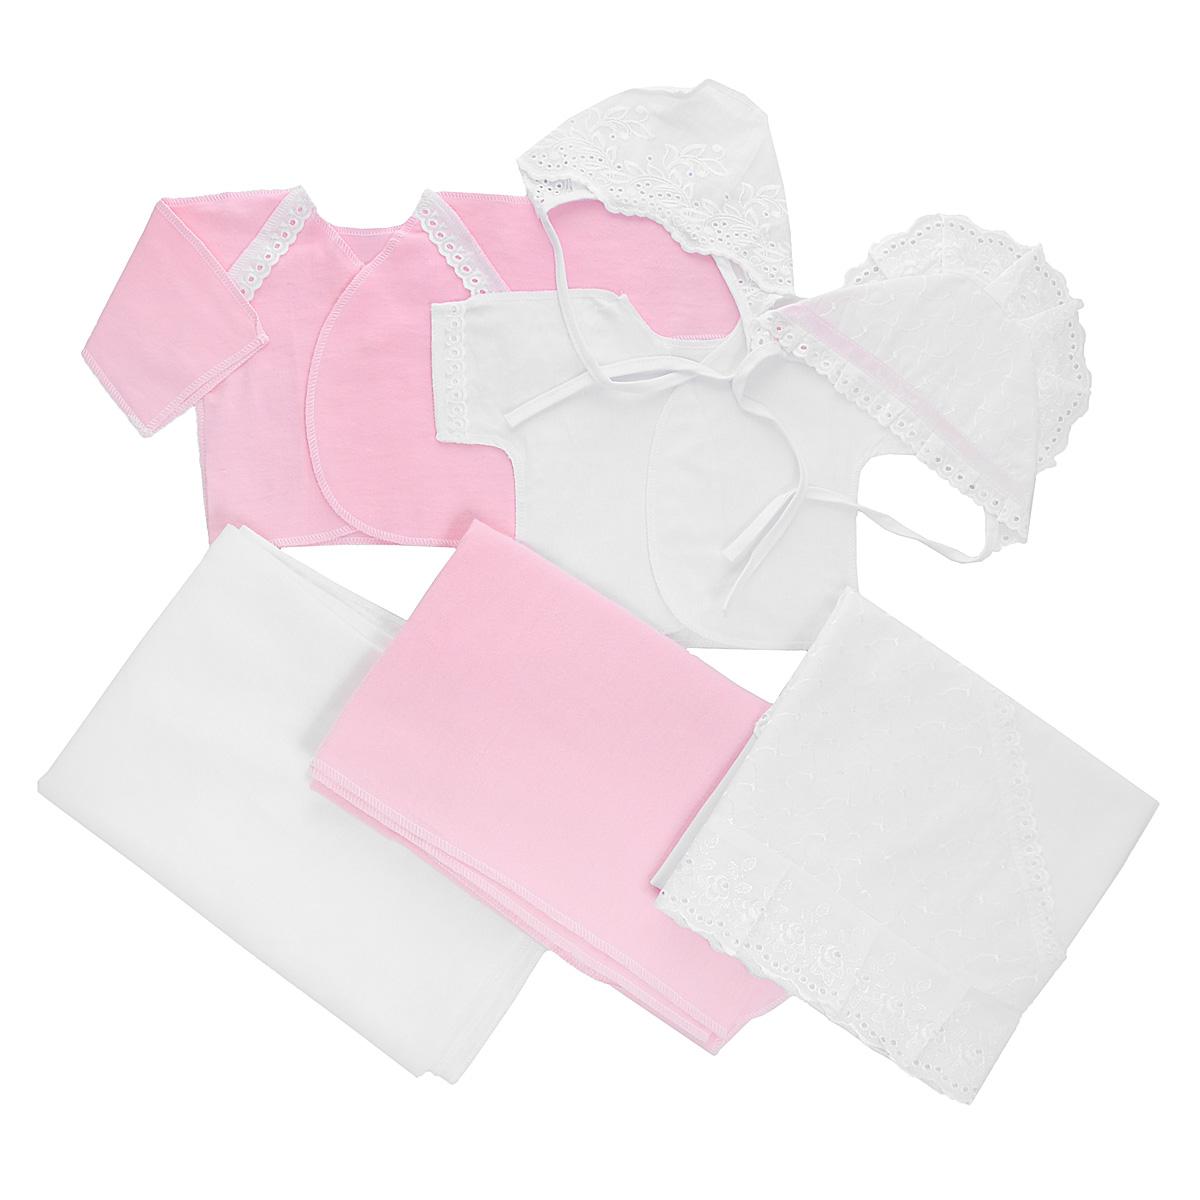 Комплект для новорожденного Трон-Плюс, 7 предметов, цвет: белый, розовый. 3403. Размер 50, 0-1 месяц3403Комплект для новорожденного Трон-плюс - это замечательный подарок, который прекрасно подойдет для первых дней жизни малыша. Комплект состоит из двух распашонок, двух чепчиков, уголка и двух пеленок. Комплект изготовлен из натурального хлопка, благодаря чему он необычайно мягкий и приятный на ощупь, не сковывает движения младенца и позволяет коже дышать, не раздражает даже самую нежную и чувствительную кожу ребенка, обеспечивая ему наибольший комфорт. Легкая распашонка с короткими рукавами выполнена швами наружу. Изделие украшено вышивкой, а рукава декорированы ажурными рюшами.Теплая распашонка с запахом выполнена швами наружу. Декорирована распашонка ажурными рюшами. Чепчик защищает еще не заросший родничок, щадит чувствительный слух малыша, прикрывая ушки, и предохраняет от теплопотерь. Комплект содержит два чепчика: один - легкий мягкий чепчик с завязками выполнен швами наружу и украшен вышивками, а второй - теплый чепчик выполнен из футера швами наружу и украшен вышивкой и ажурными рюшами. Очаровательный уголок, выполненный из натурального хлопка и украшенный кружевом, необычайно мягкий и легкий, не раздражает нежную кожу ребенка и хорошо вентилируется, а эластичные швы приятны телу младенца. Уголок обеспечивает вашему ребенку комфорт! Пеленка станет незаменимым помощником в деле ухода за ребенком. В комплект входят две пеленки: легкая из мадаполама и теплая из футера. В таком комплекте ваш малыш будет чувствовать себя комфортно, уютно и всегда будет в центре внимания!